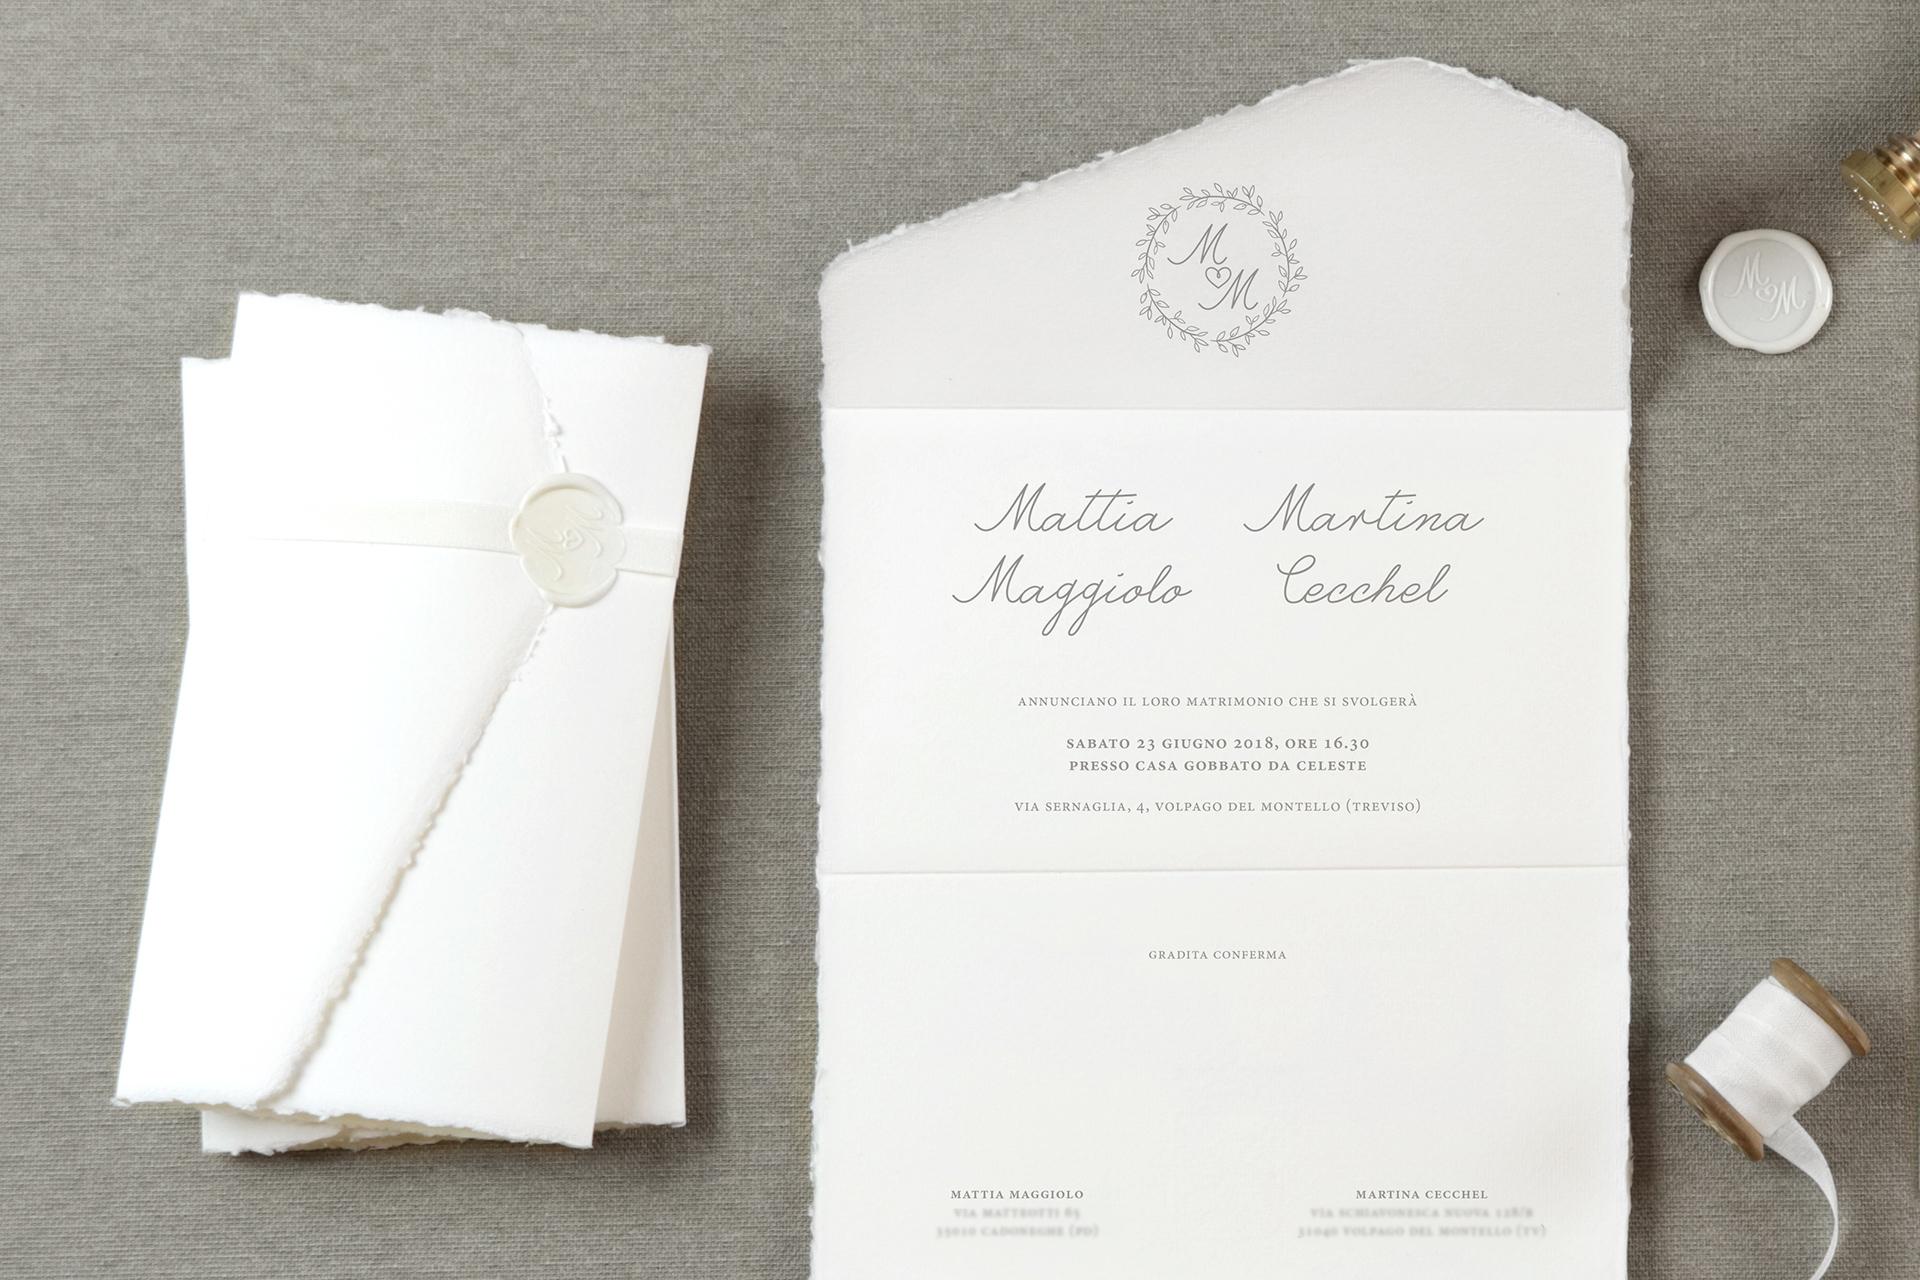 Partecipazioni Matrimonio Unico Foglio.Matrimonio Classico E Ricercato Grafica Matrimoni